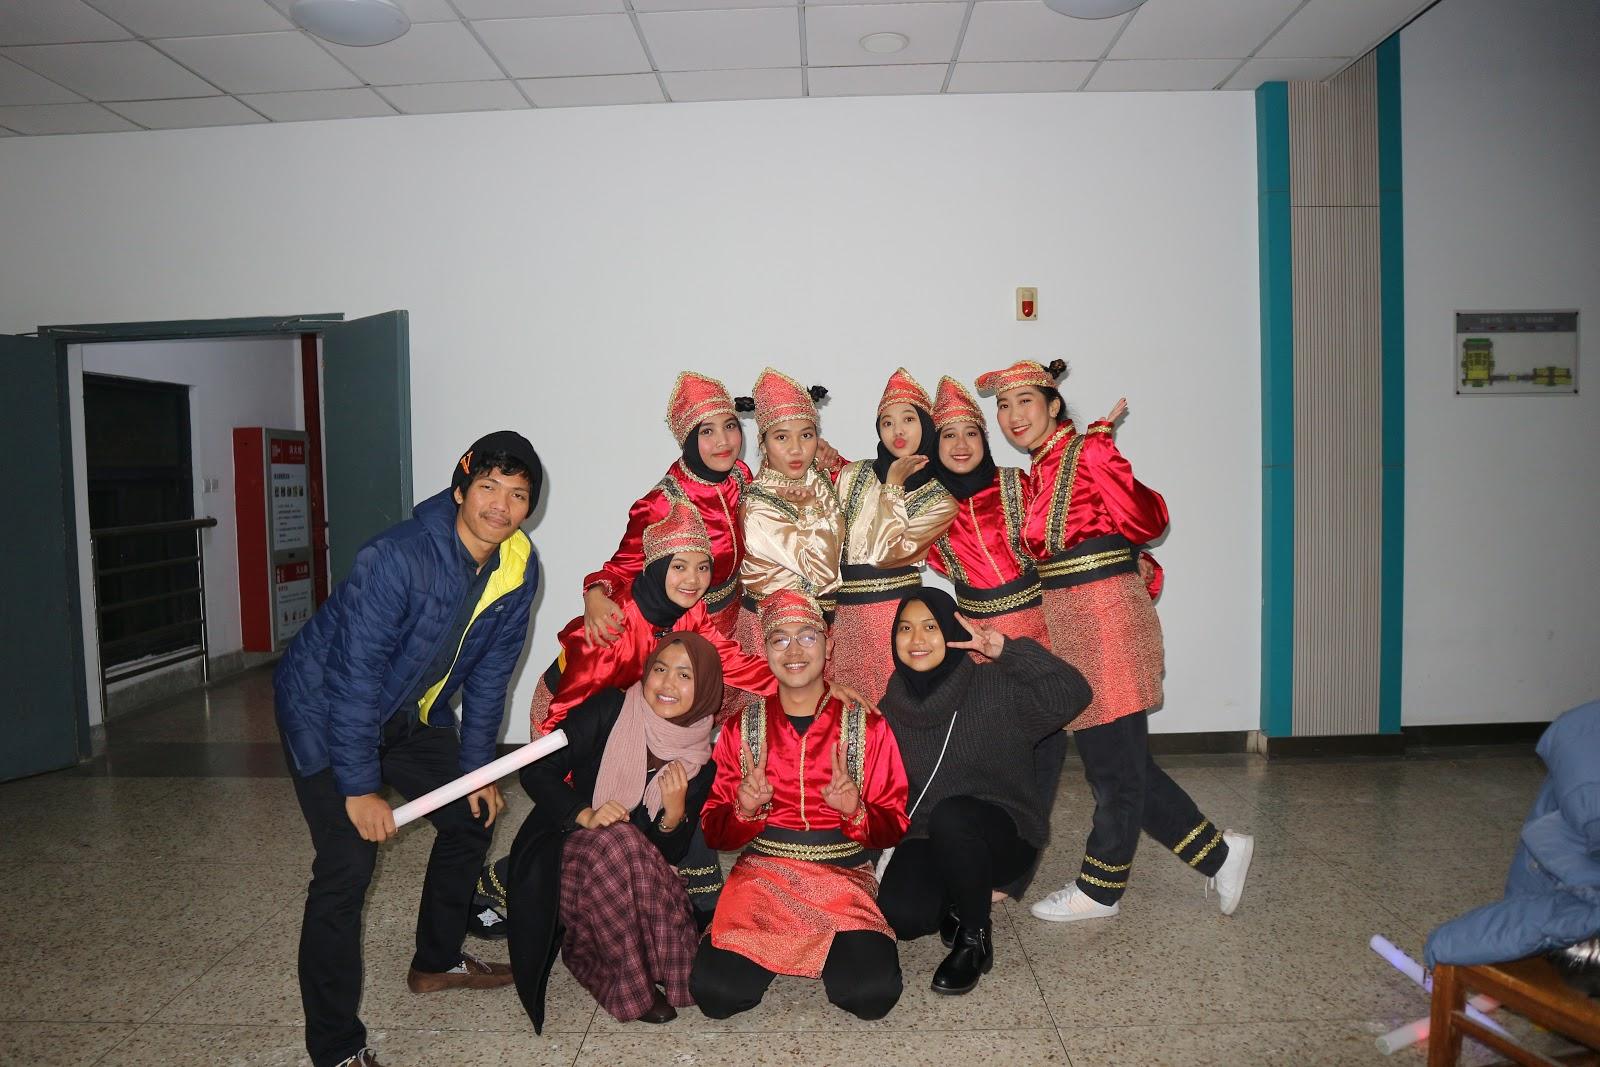 Proud Indonesian🇲🇨 | Saman Nanjing Xiaozhuang University 南京晓庄学院🇨🇳